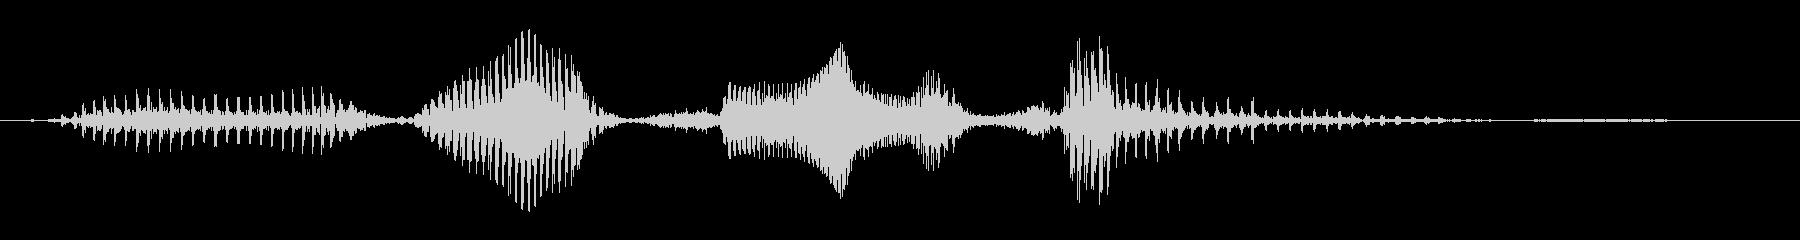 congratulations's unreproduced waveform